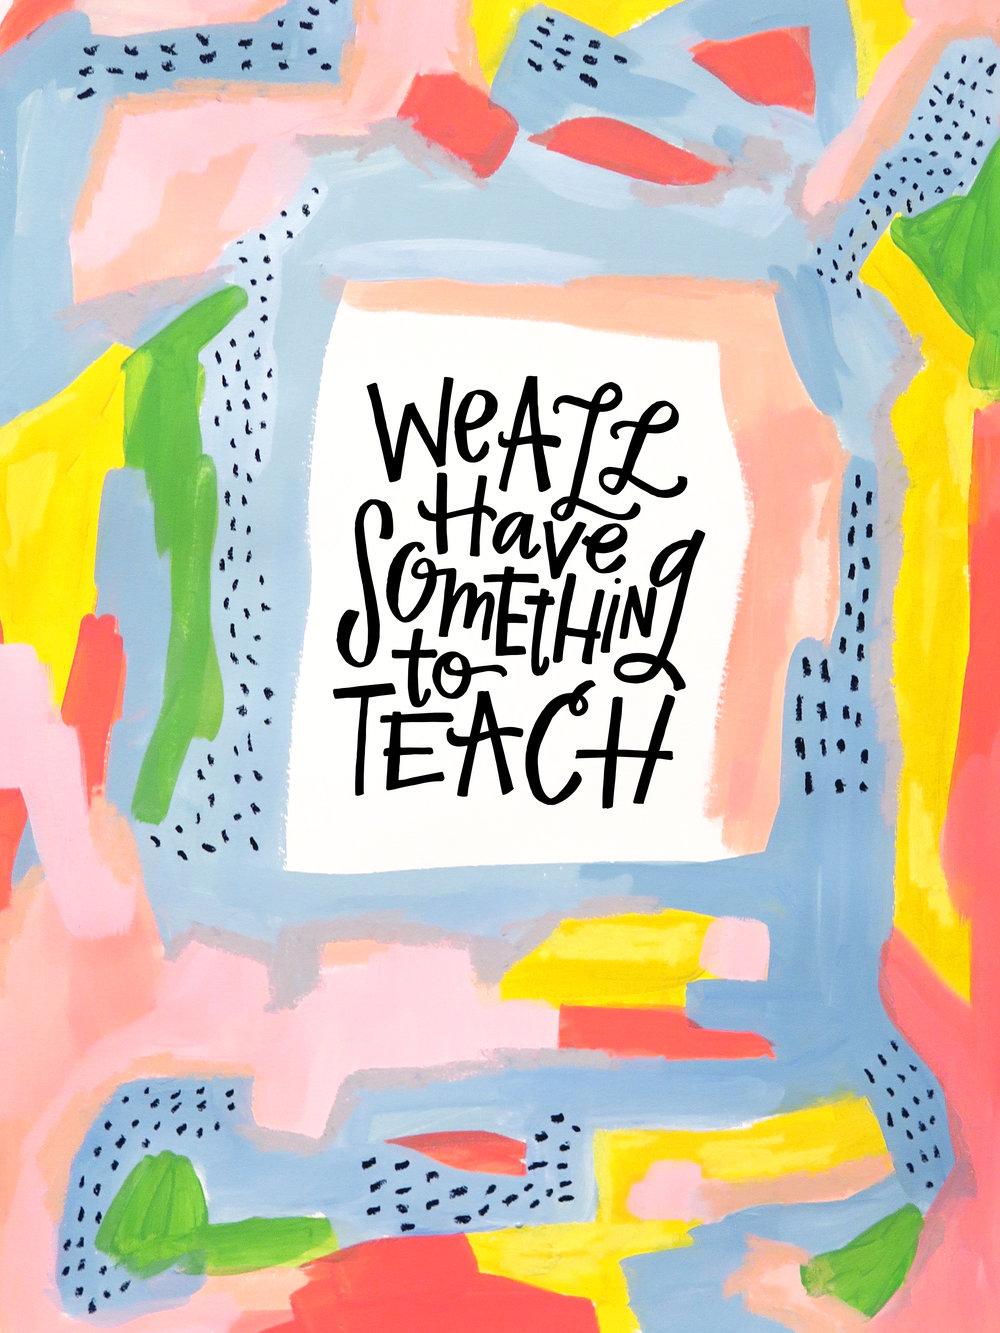 4/24/16: Teach